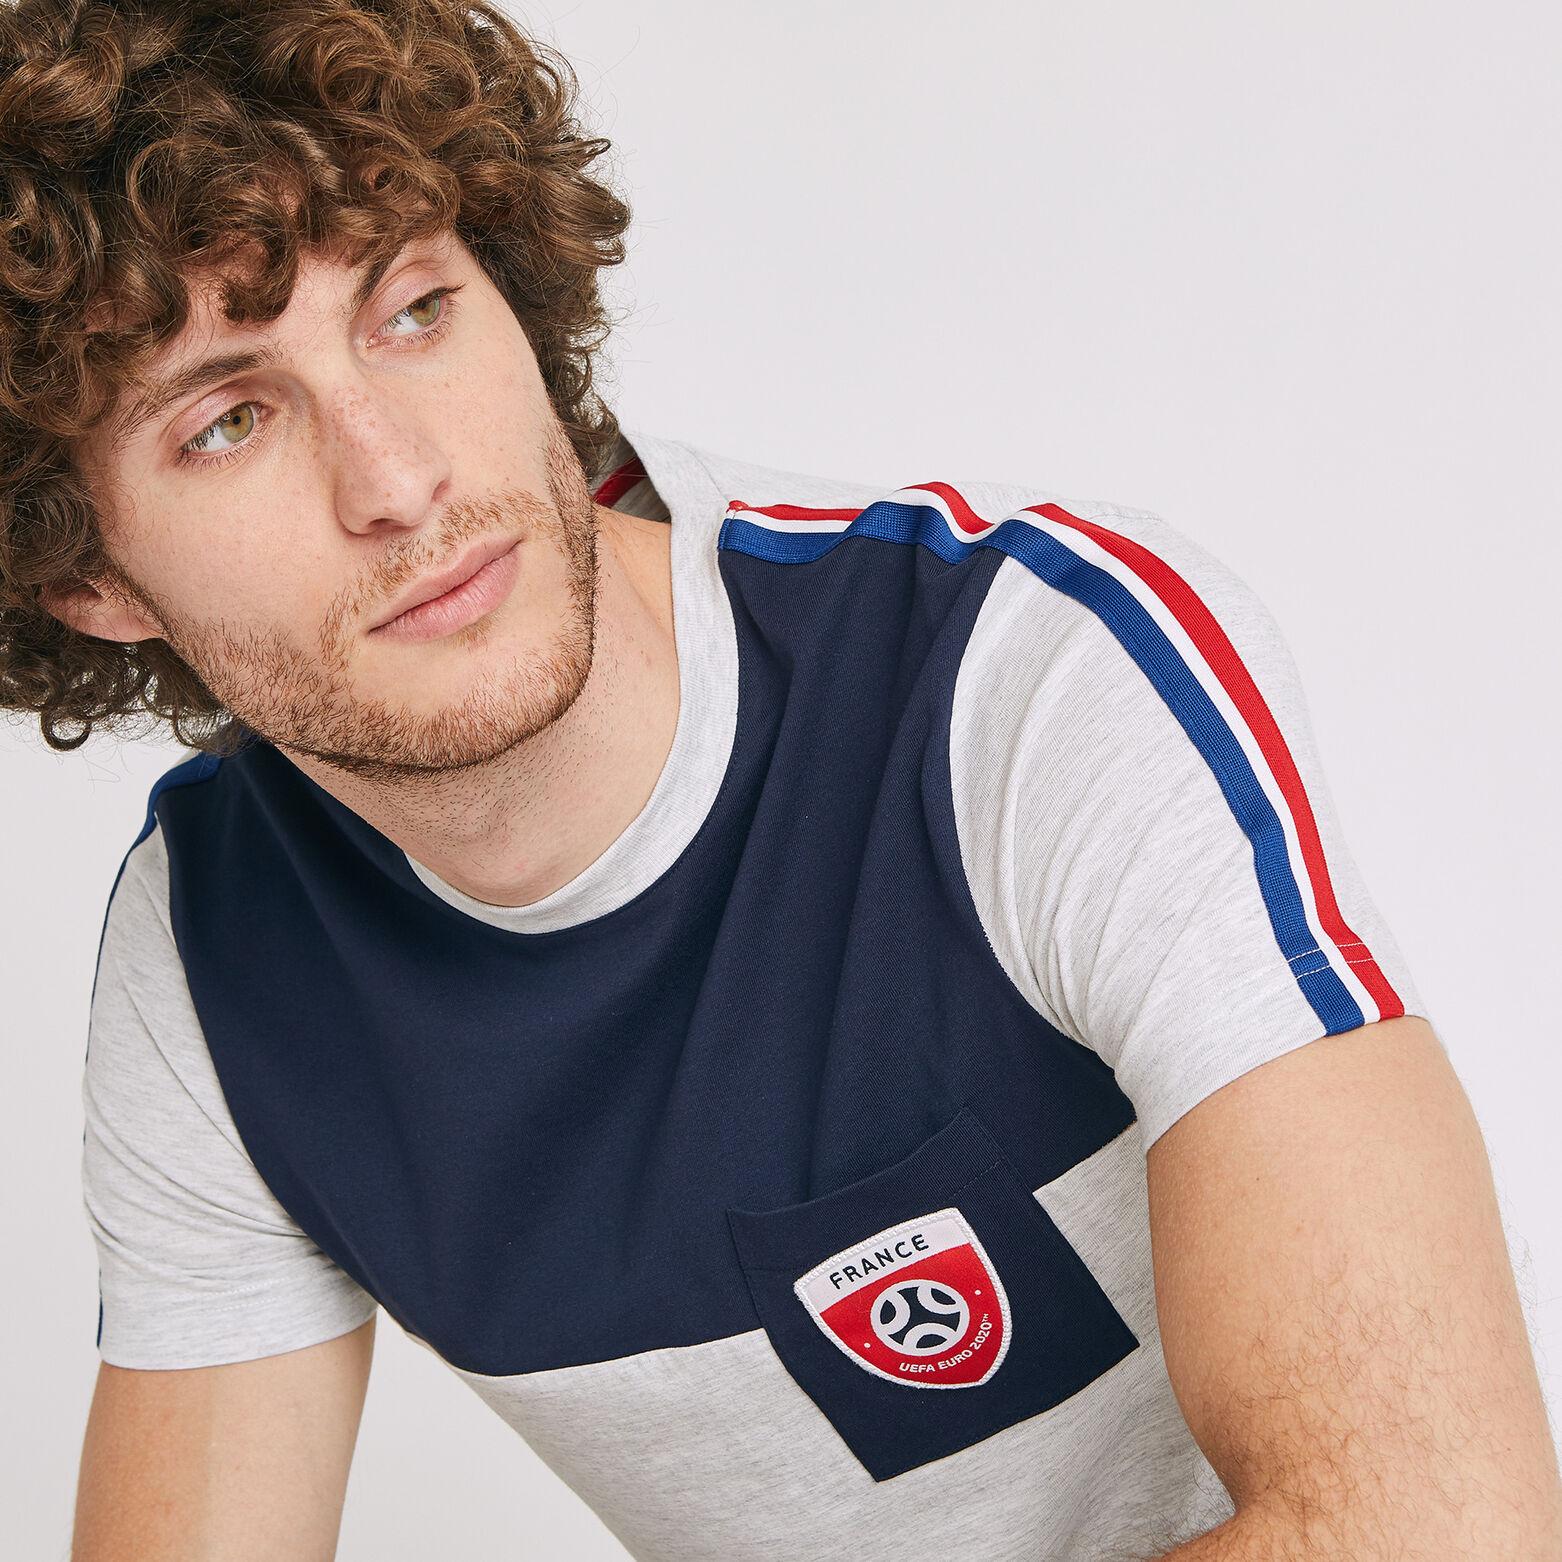 Tee shirt -  Produit sous licence officielle UEFA